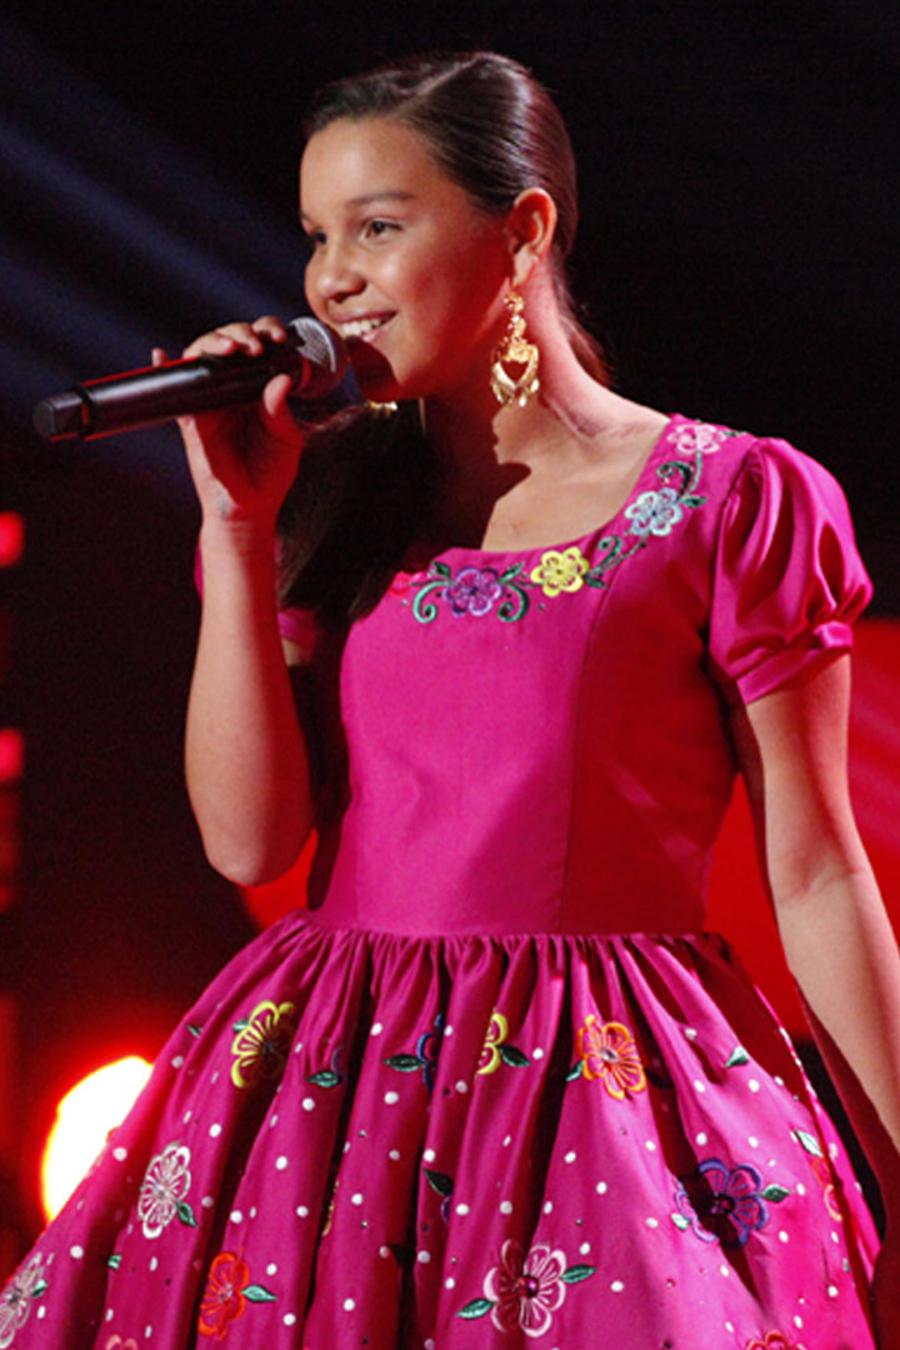 Kimberly en las audiciones a ciegas de La Voz Kids